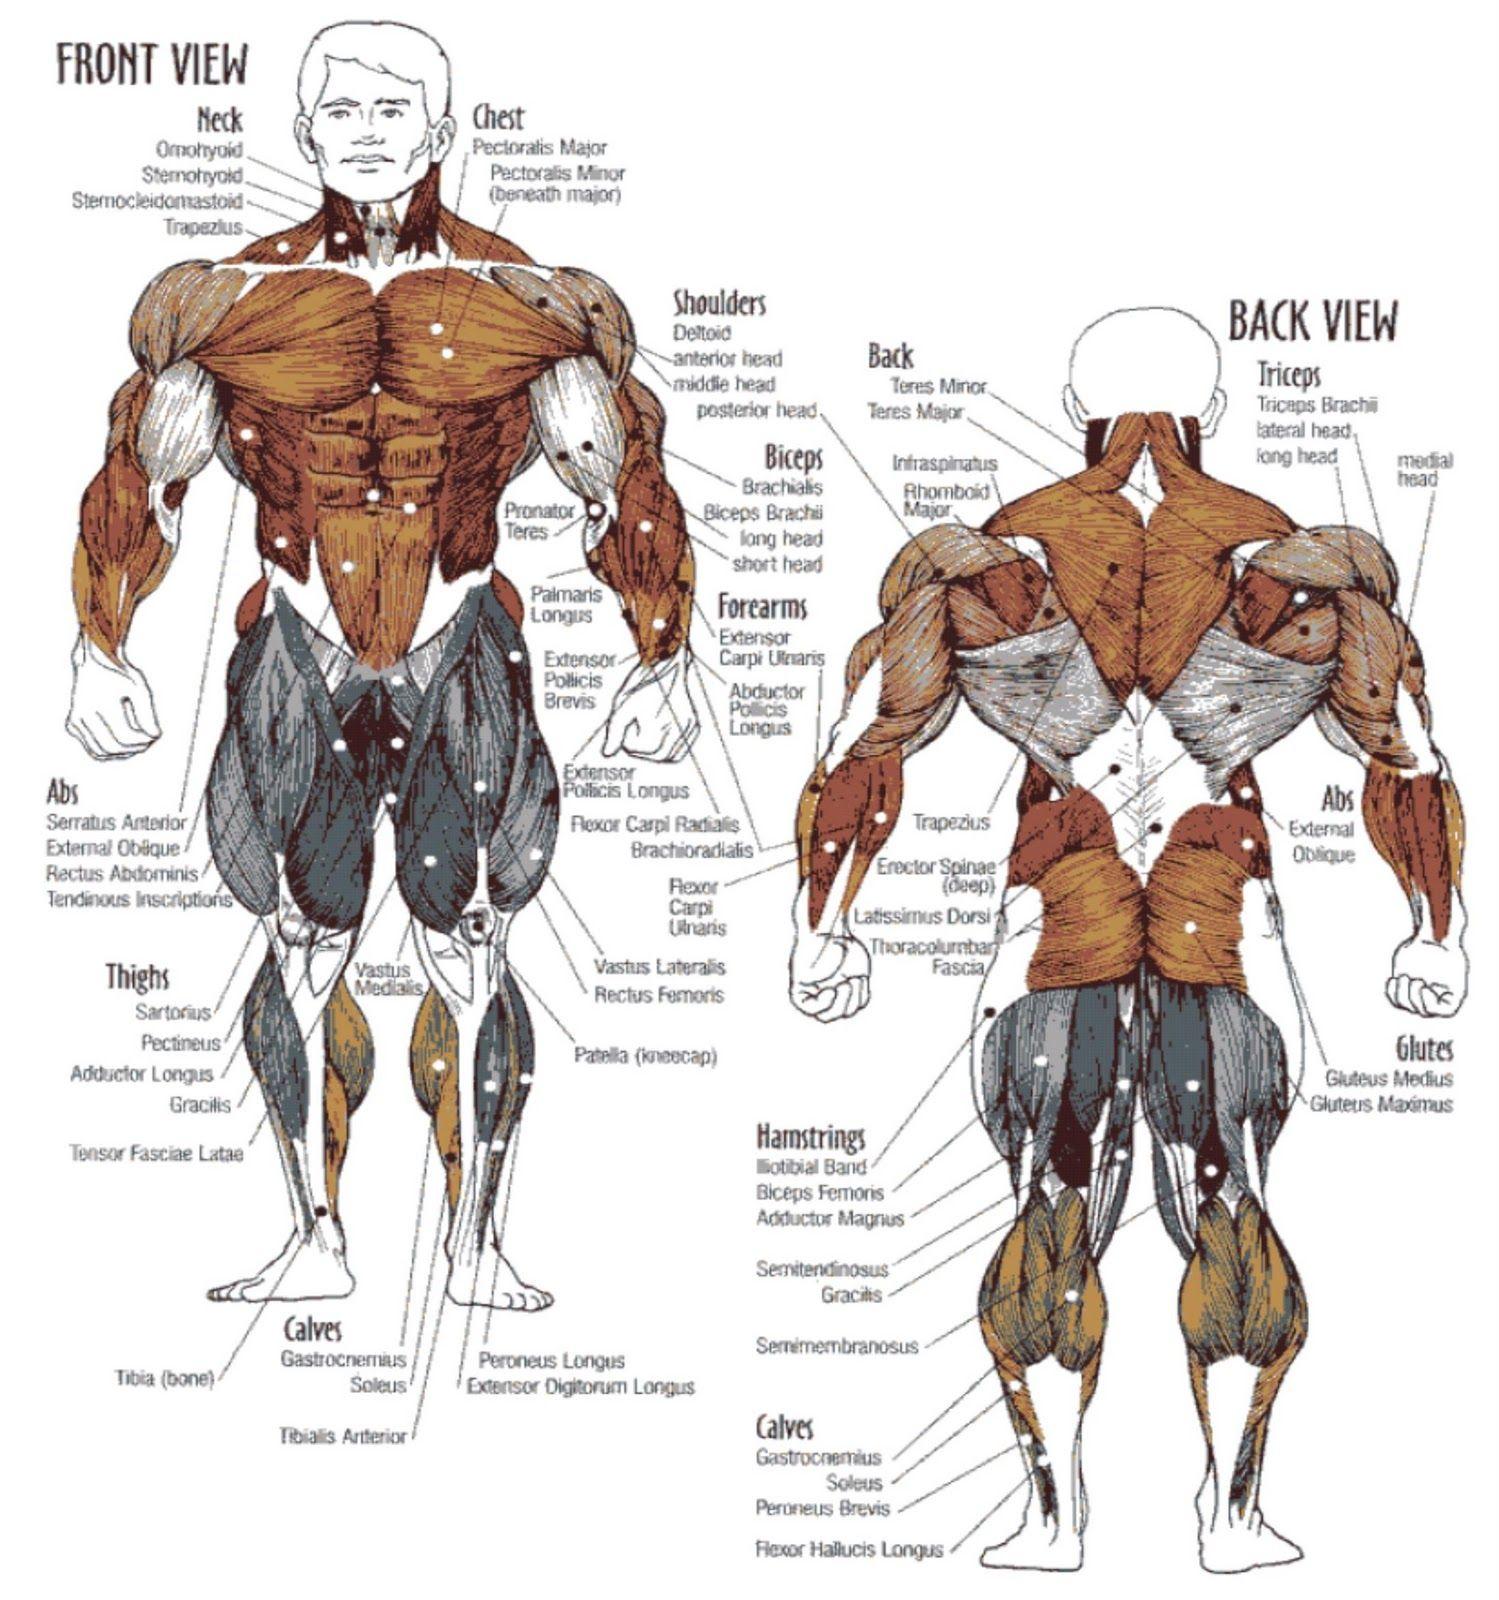 означает, что мышцы человека фото с описанием мышц бодибилдинг половина объектива строит